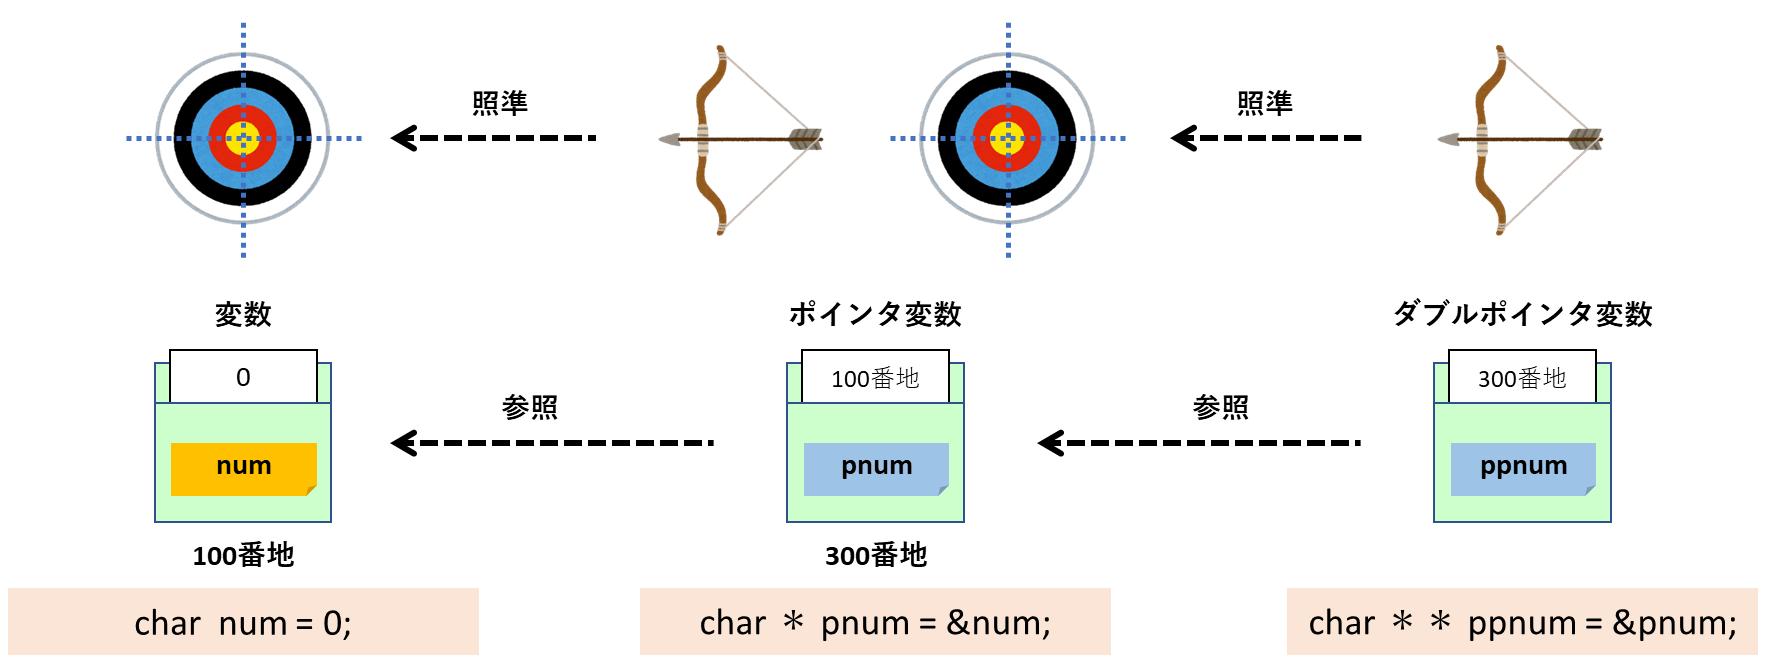 変数とポインタ変数とダブルポインタ変数